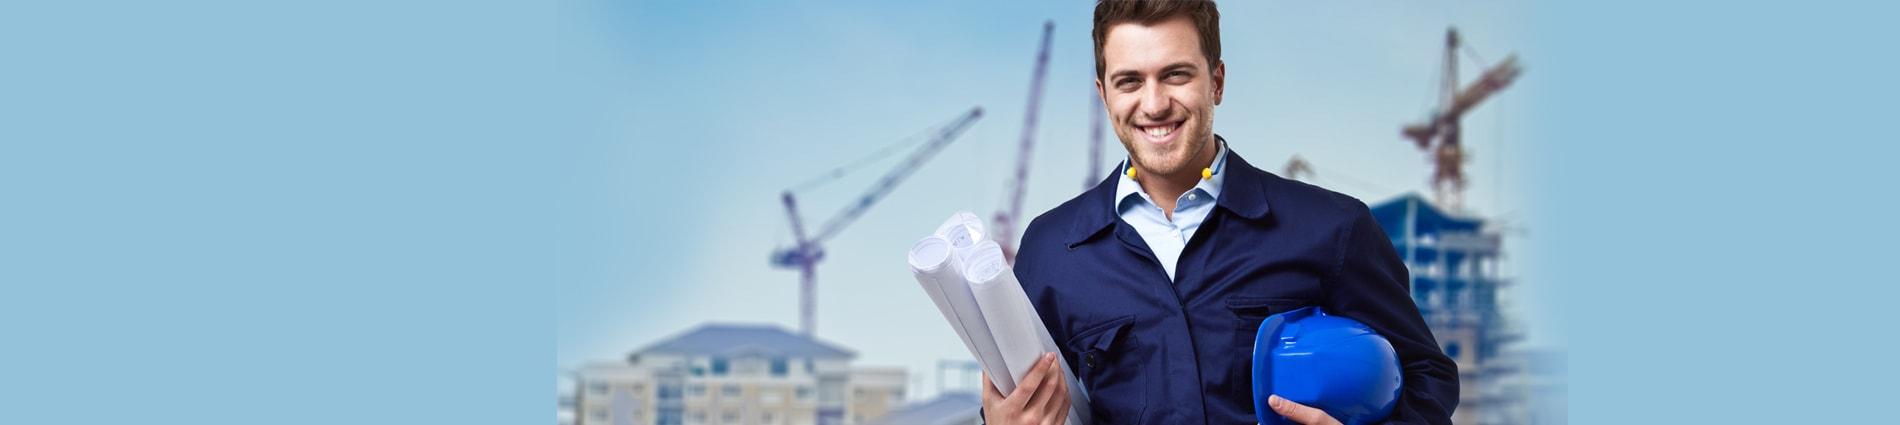 Immagine articolo le figure chiave sicurezza sul lavoro